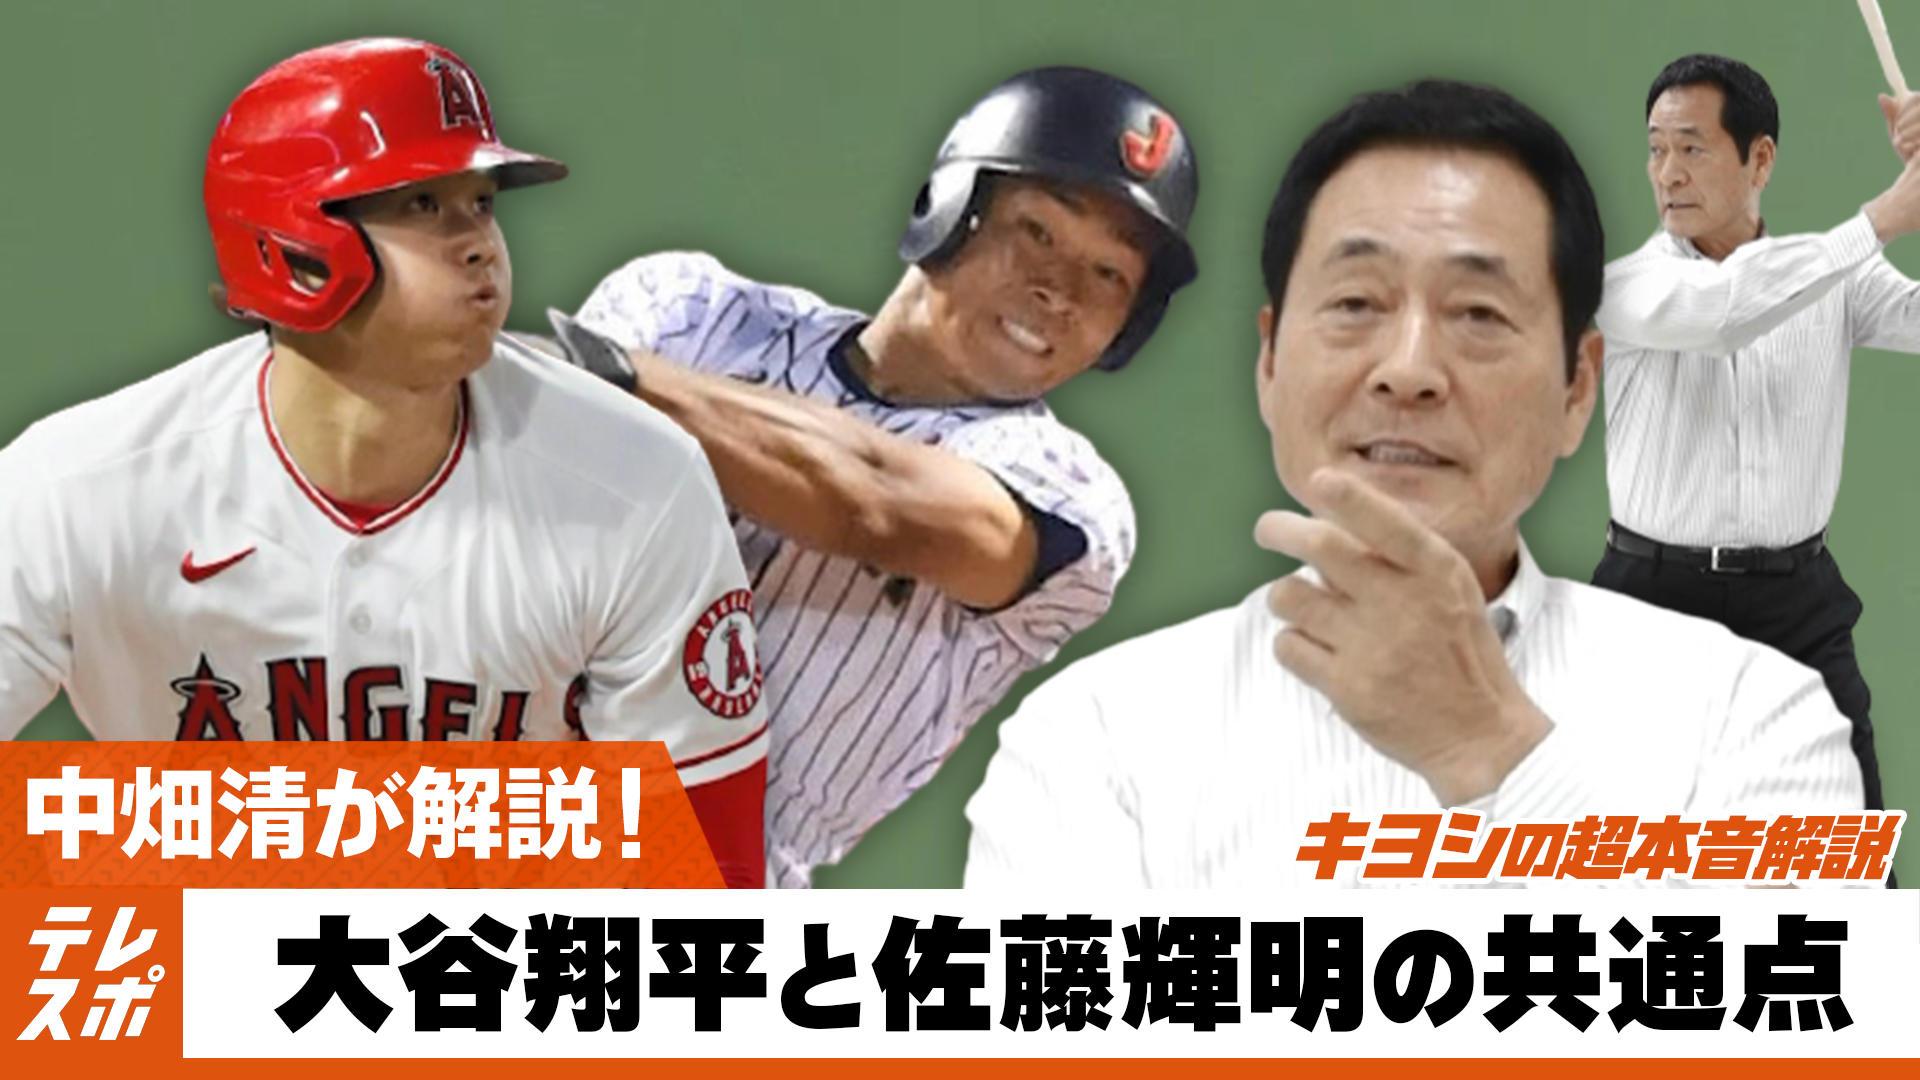 大谷翔平と佐藤輝明 HR量産の3つの共通点とは【キヨシの超本音解説】